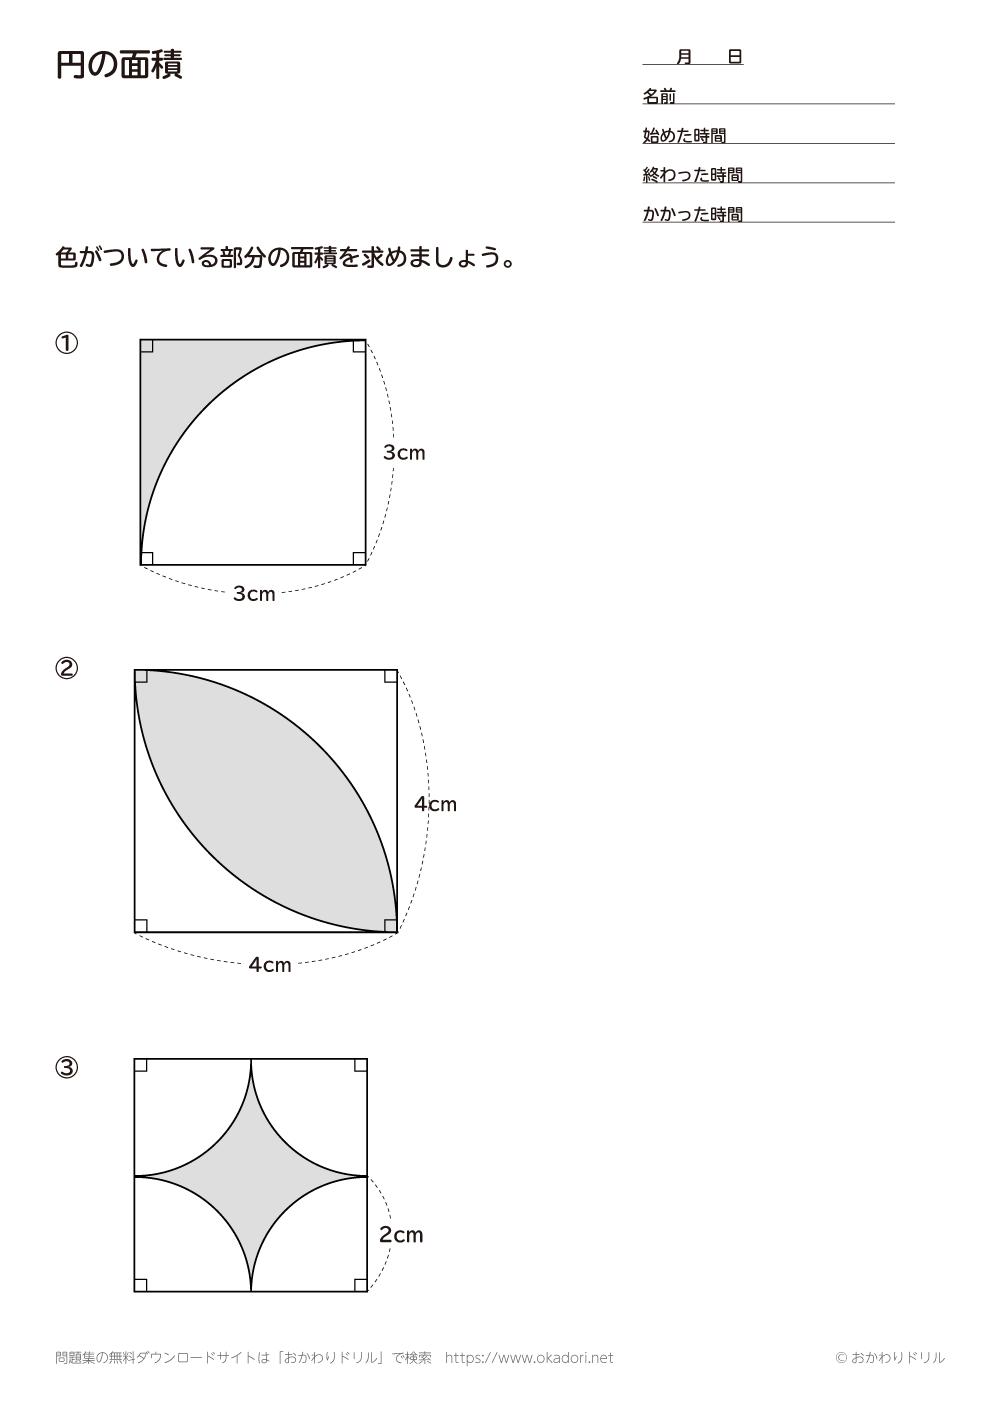 円の面積6